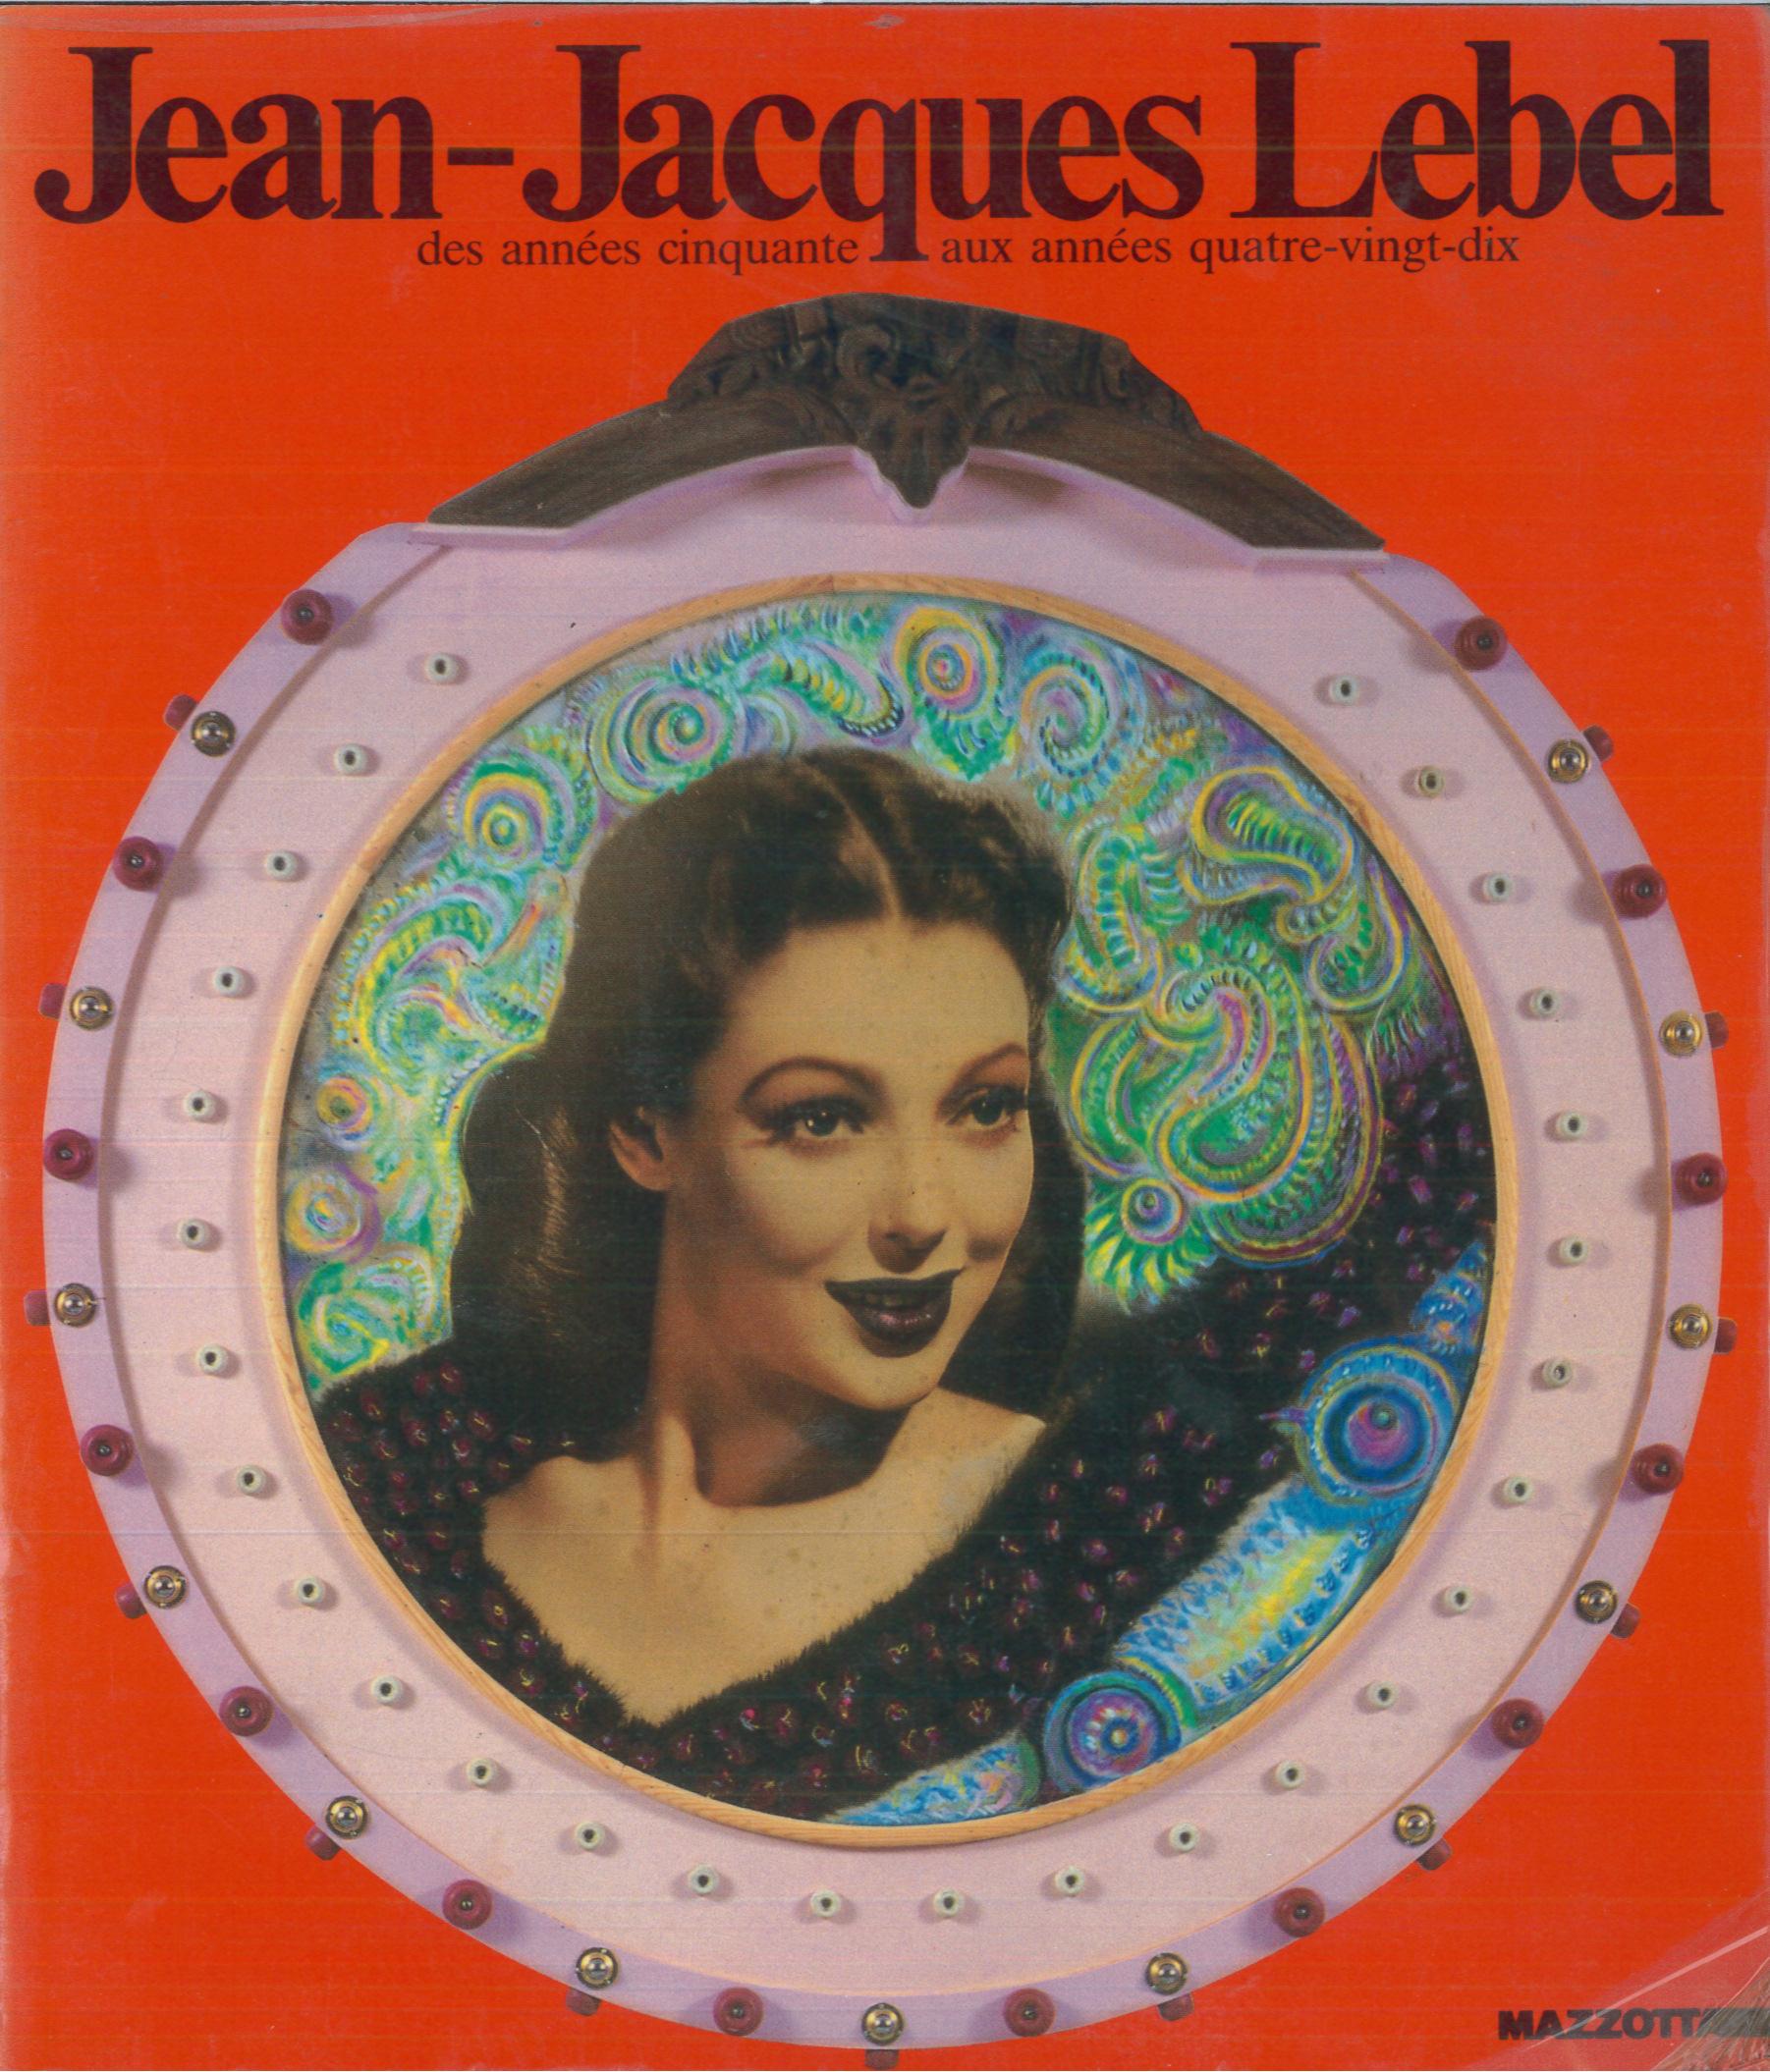 13-3-Jean-Jacques-Lebel-des-annees-cinquante-aux-années-quatre-vingt-dix-Paris-Galerie-1900-2000-1991